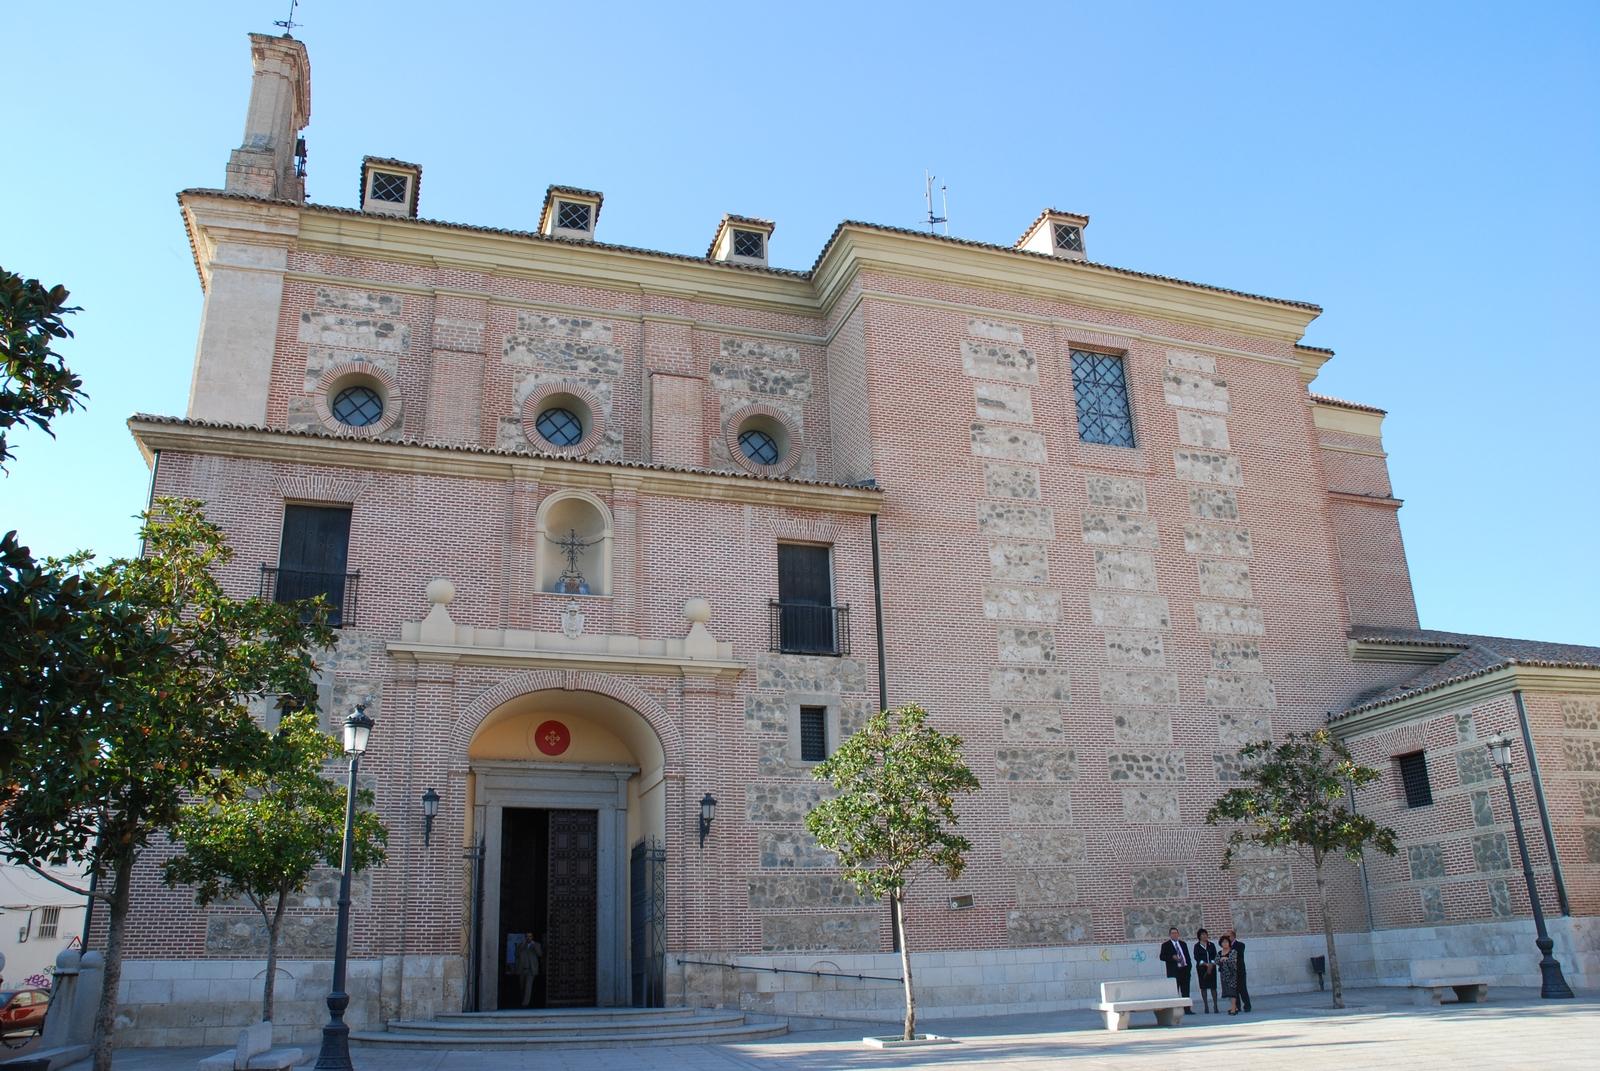 Hecha por San Lucas: Virgen de la Caridad de Illescas, España (11 mar y 31 ago)